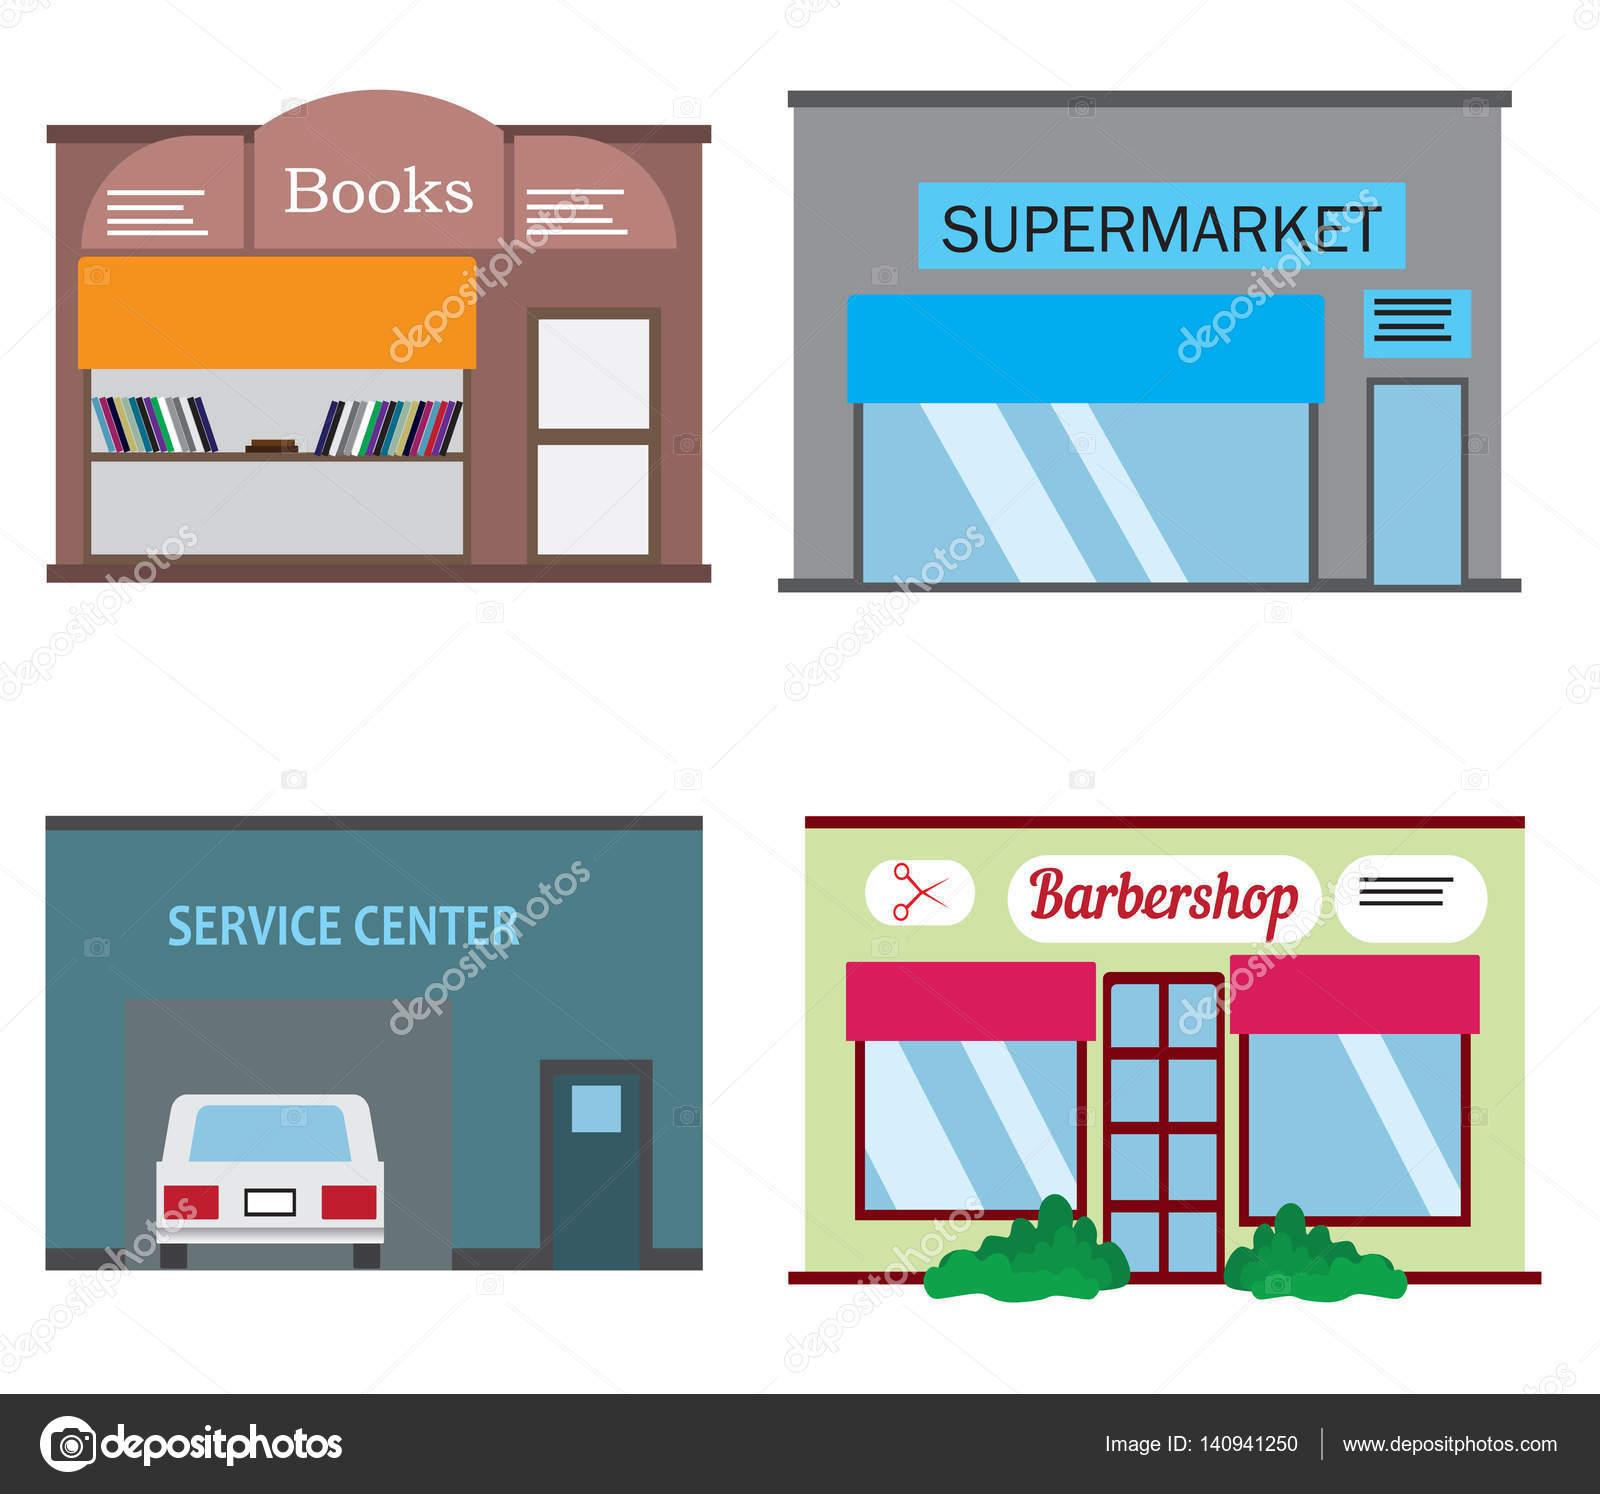 Süpermarketler, dükkanlar için profesyonel ekipman